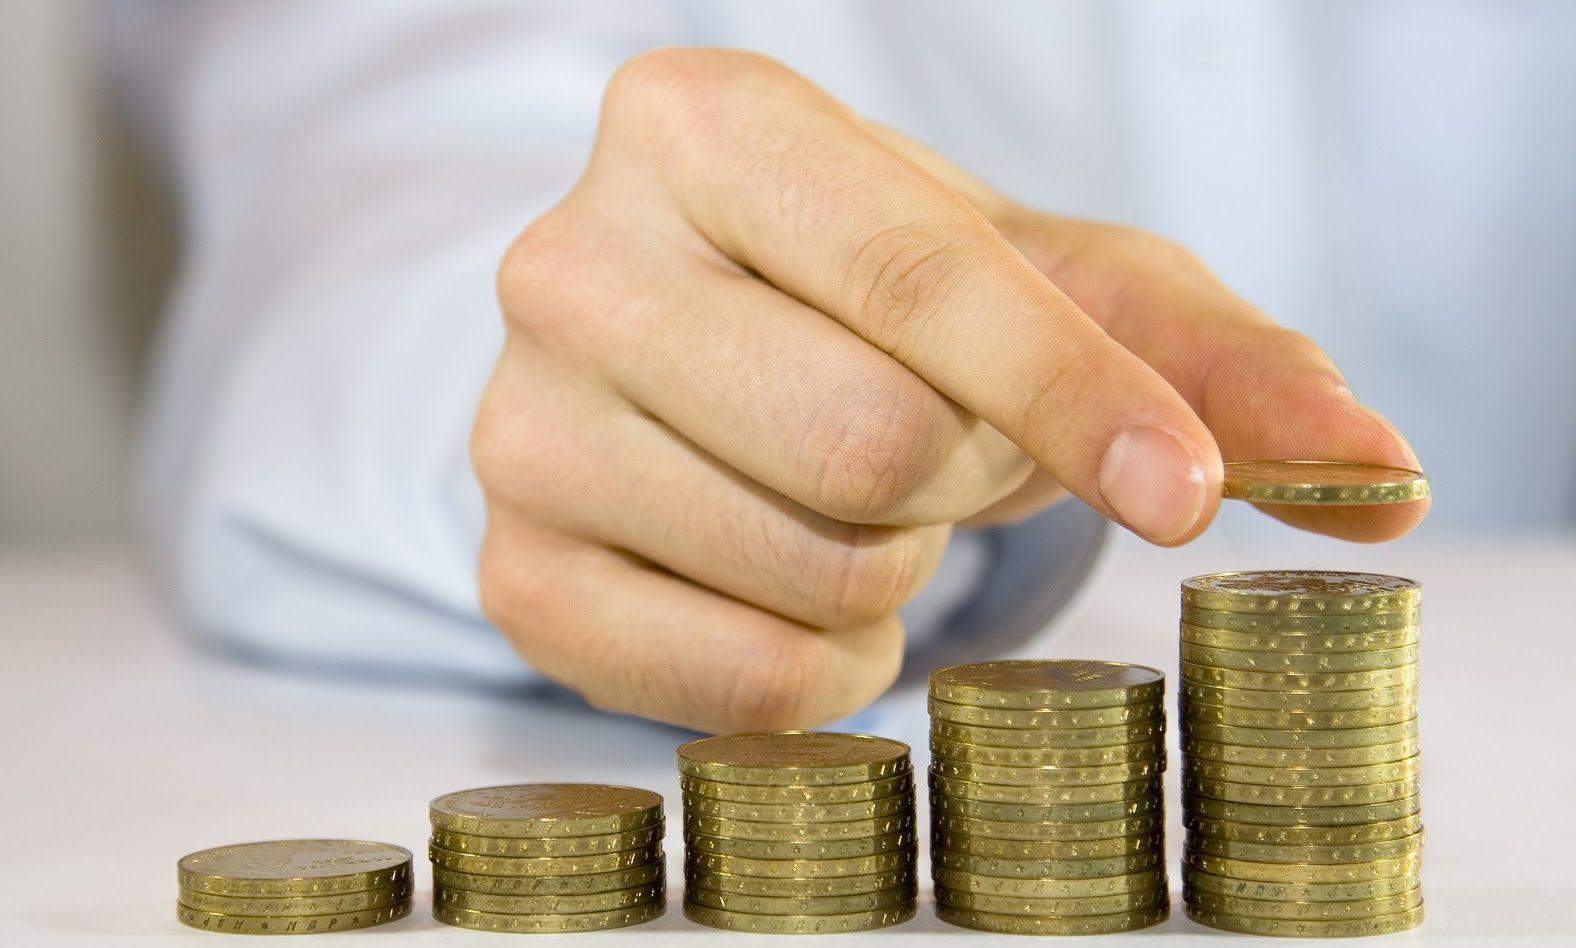 hol lehet igazán pénzt keresni otthon